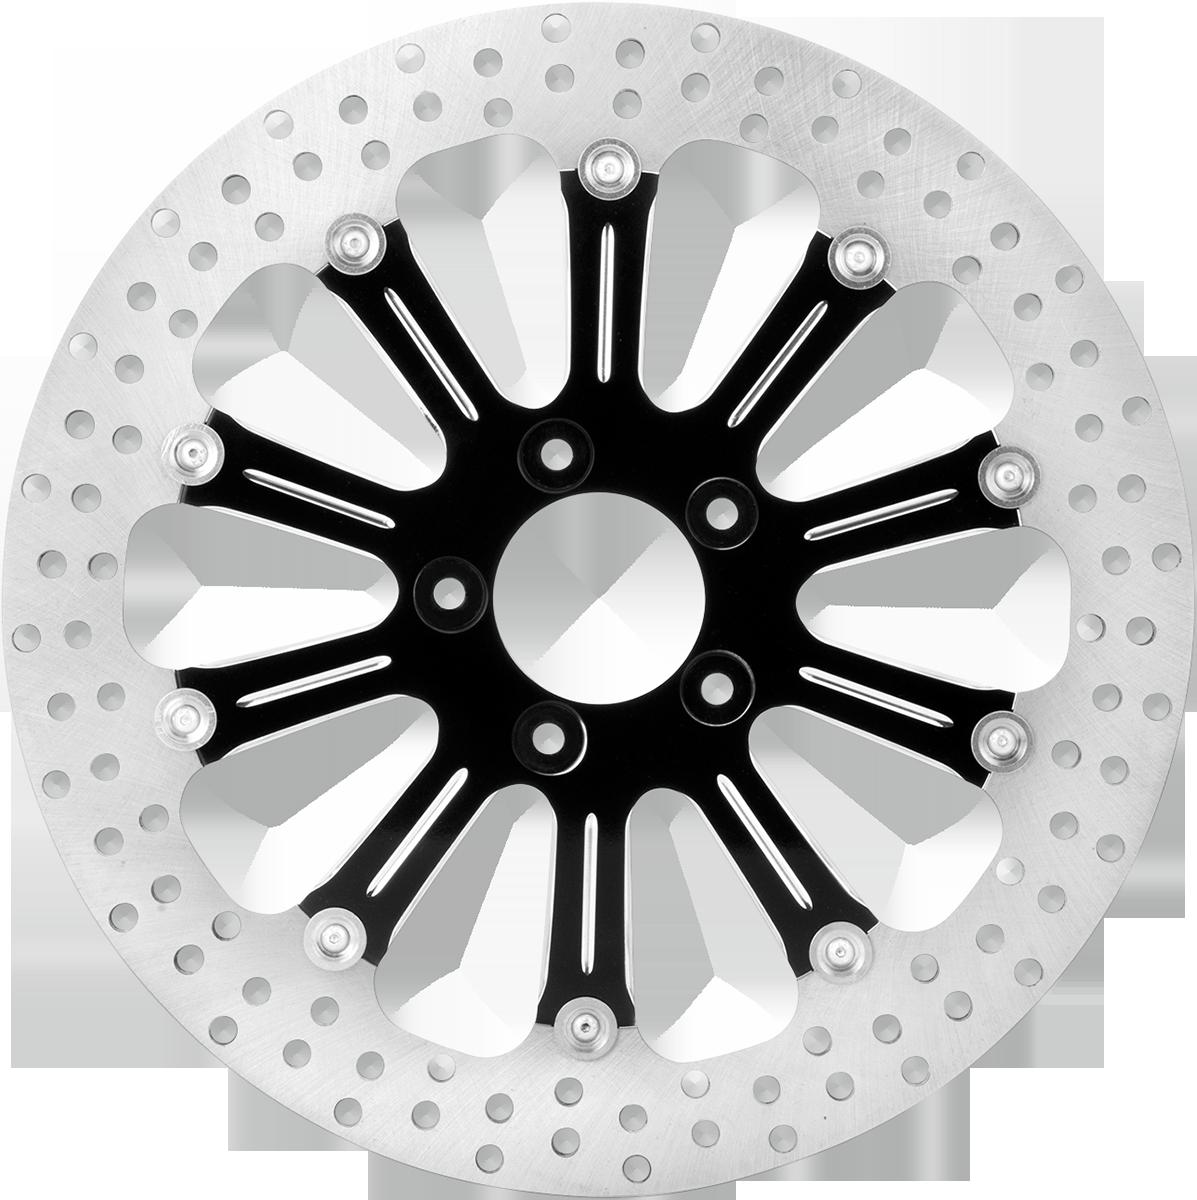 Rotor 13 Ft Rev Pc